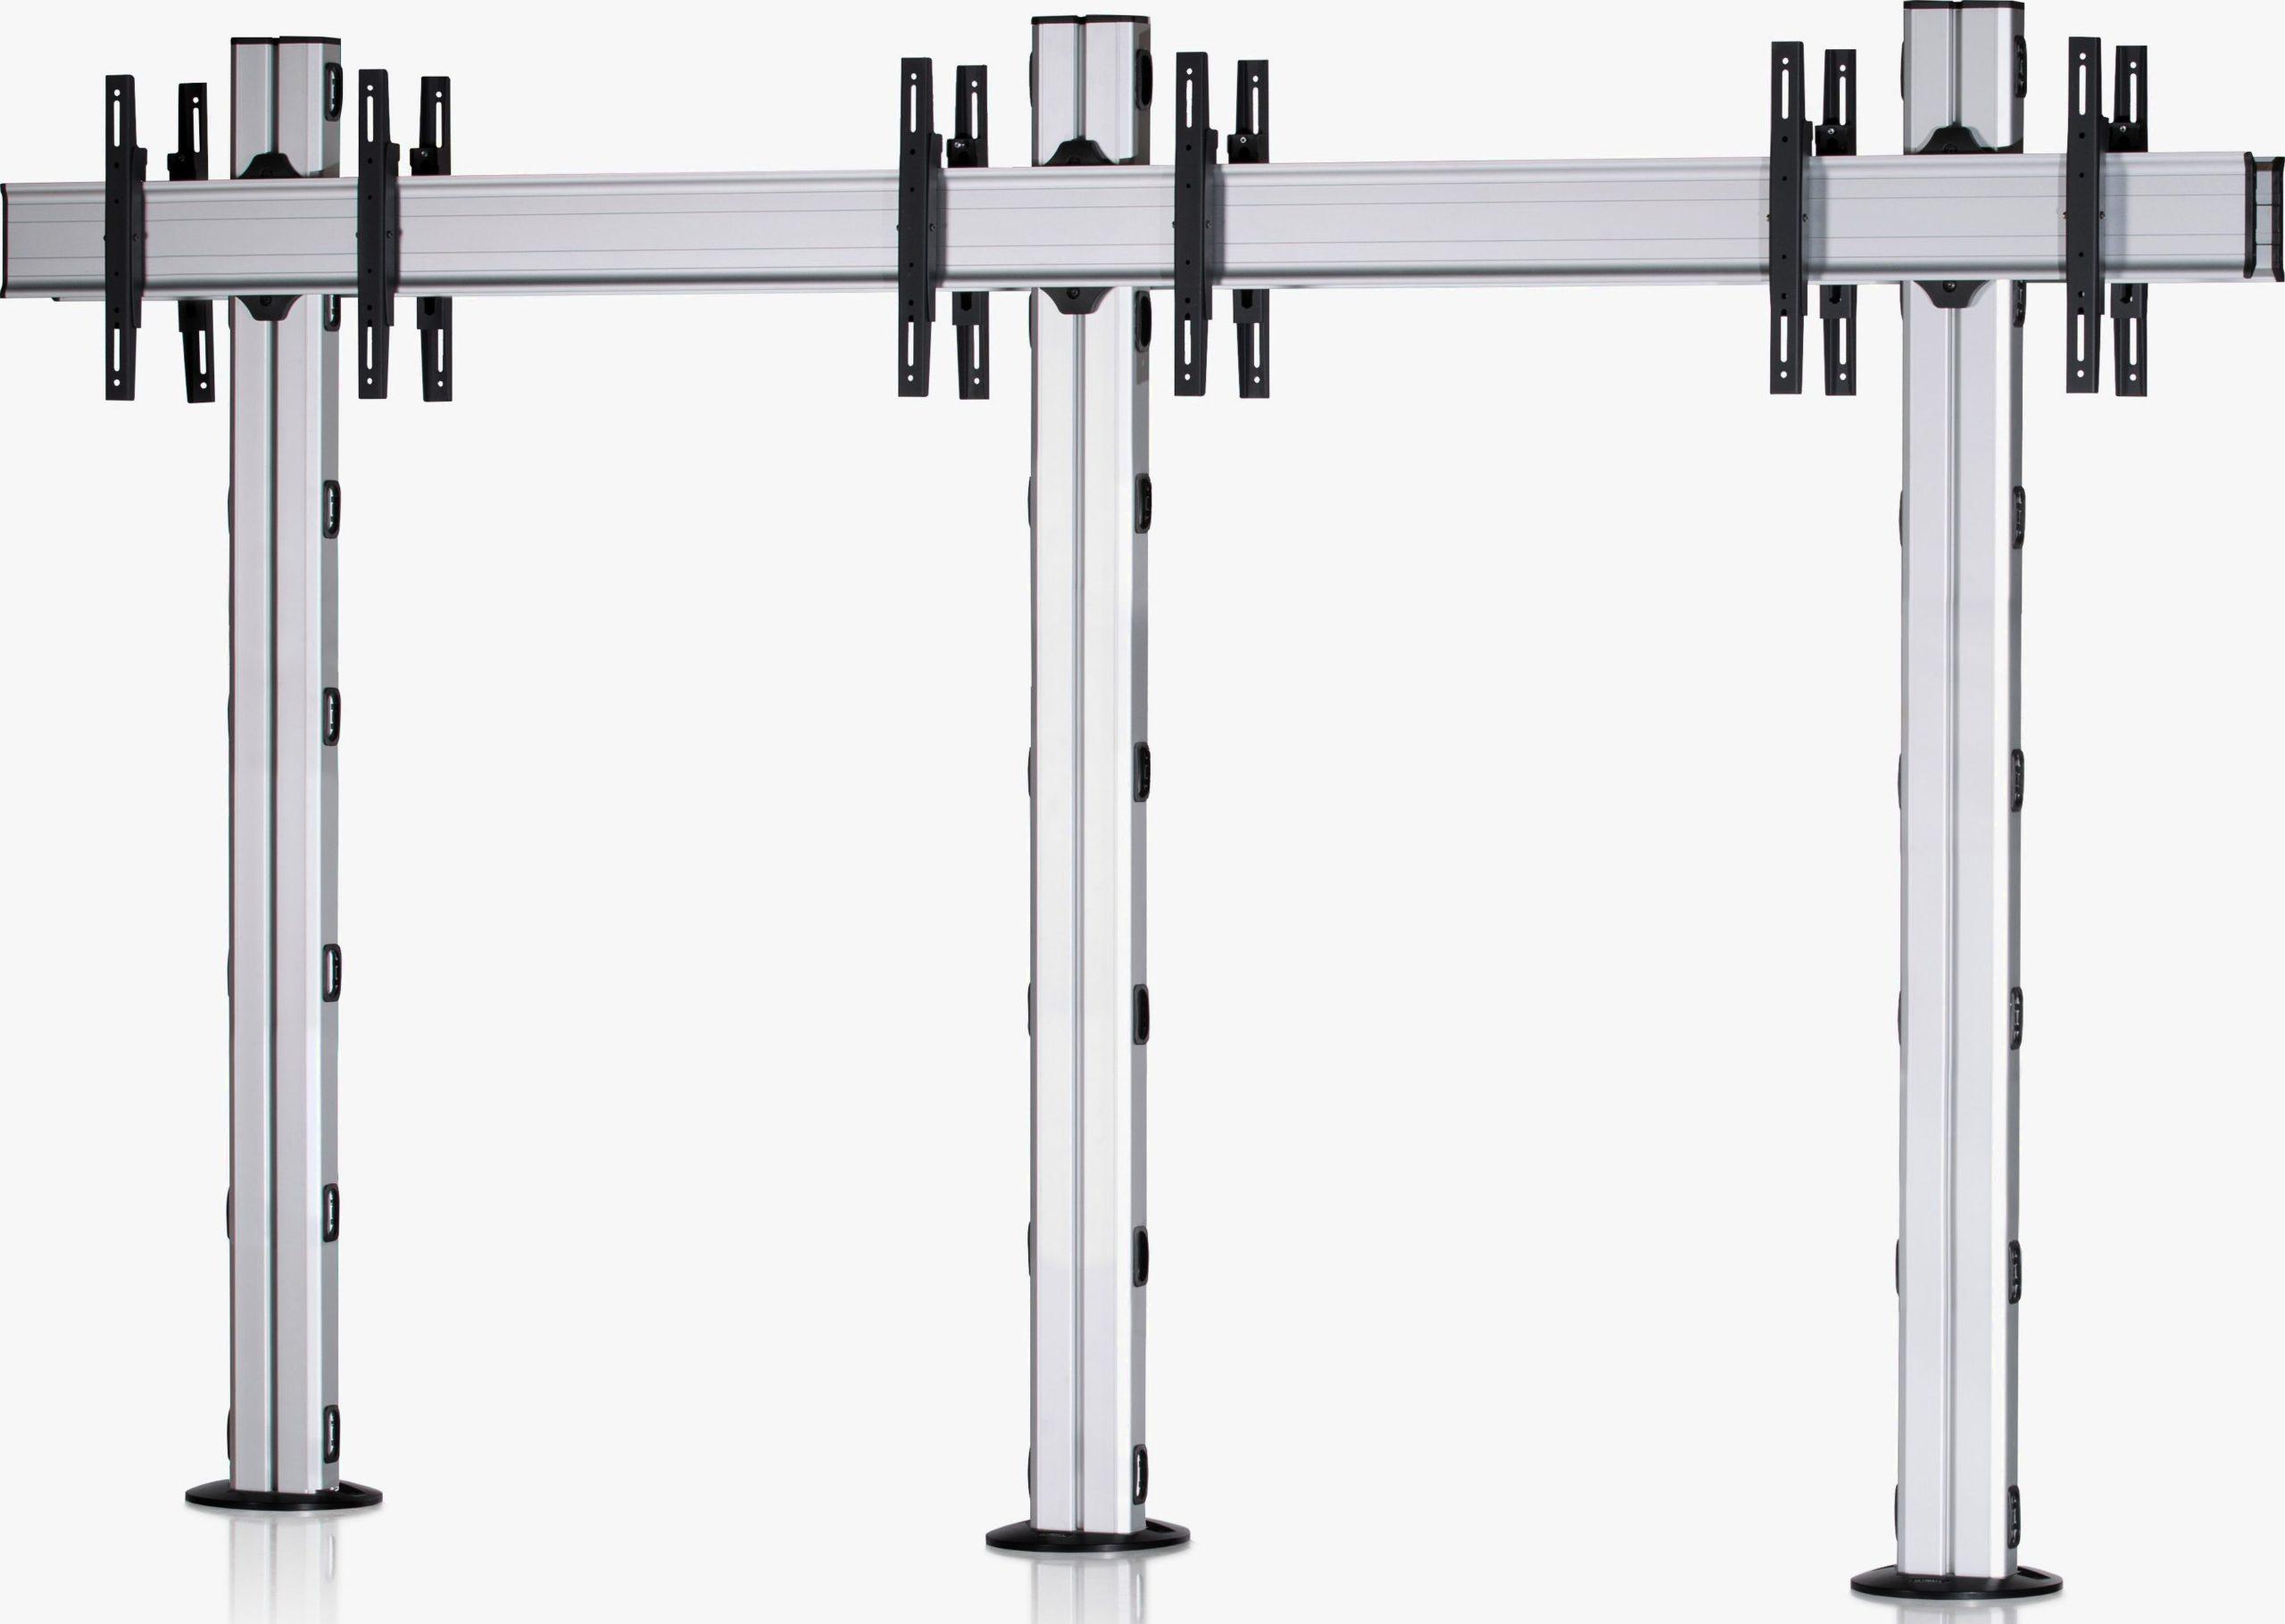 6 Displays 1×3 beidseitig, Standard-VESA, zur Bodenbefestigung